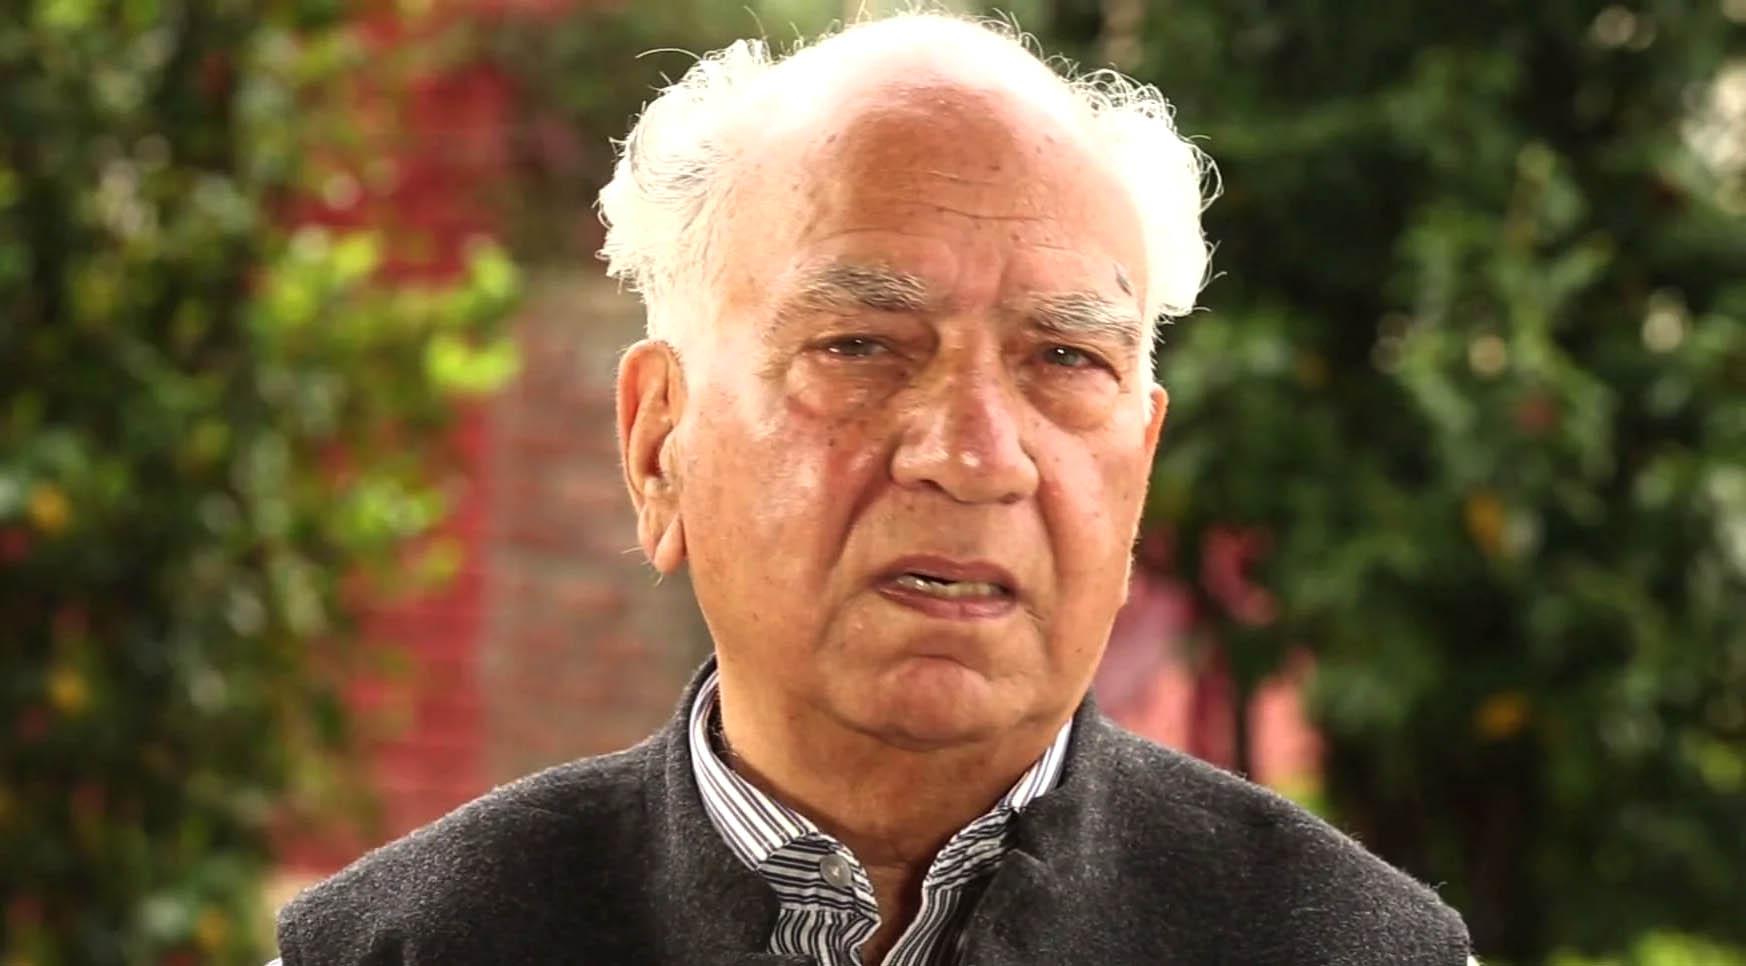 सरकार यदि चुनाव टाल न सकें, तो एक बुनियादी बदलाव करें, चुनाव में रैलियां बिल्कुल बंद कर दें- शांता कुमार